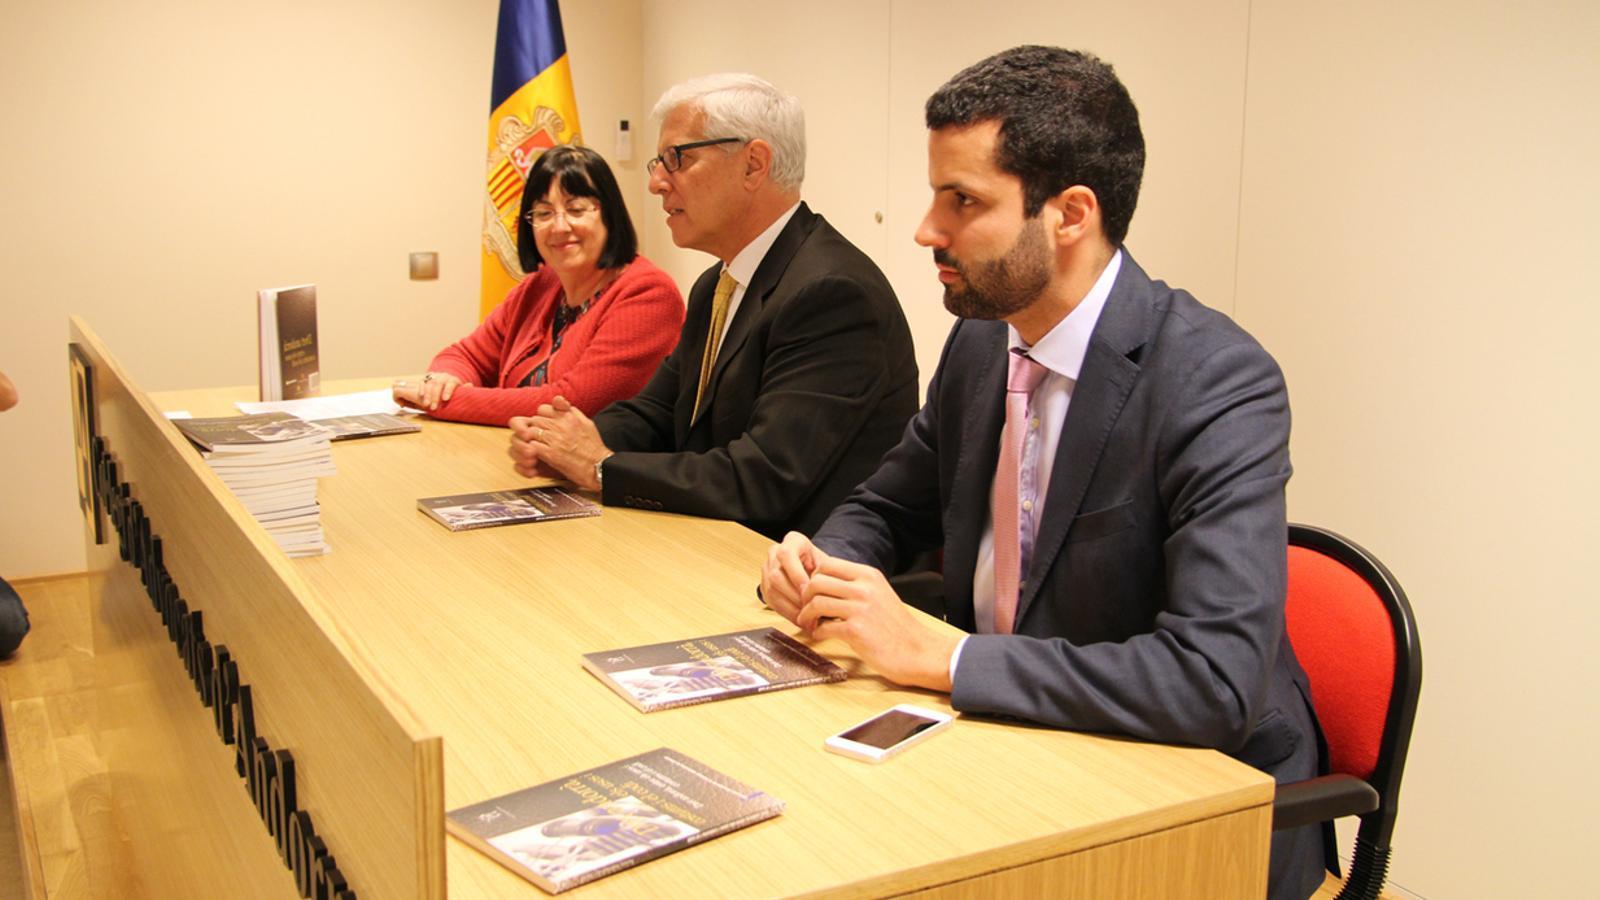 La presentació del llibre s'ha fet a la nova seu del Col·legi d'Advocats d'Andorra / G.LL.T.